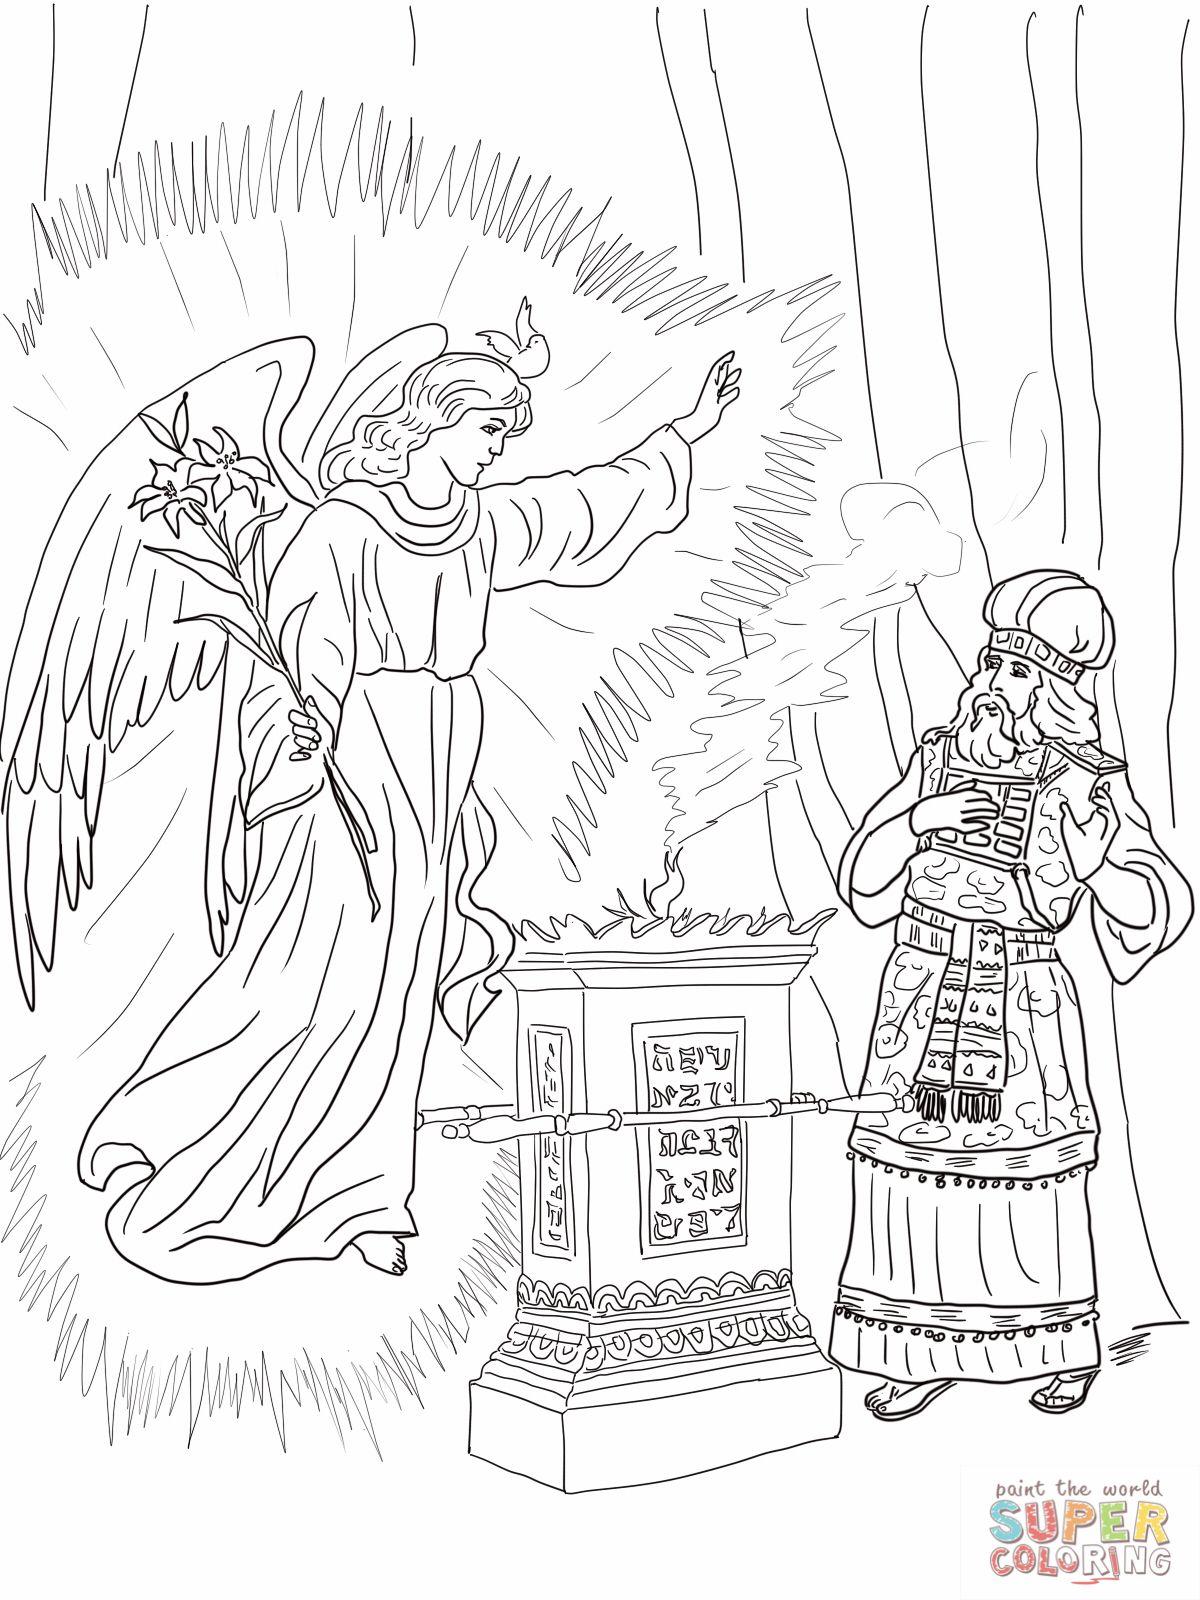 2-angel-visits-zechariah-coloring-page.jpg 1200×1600